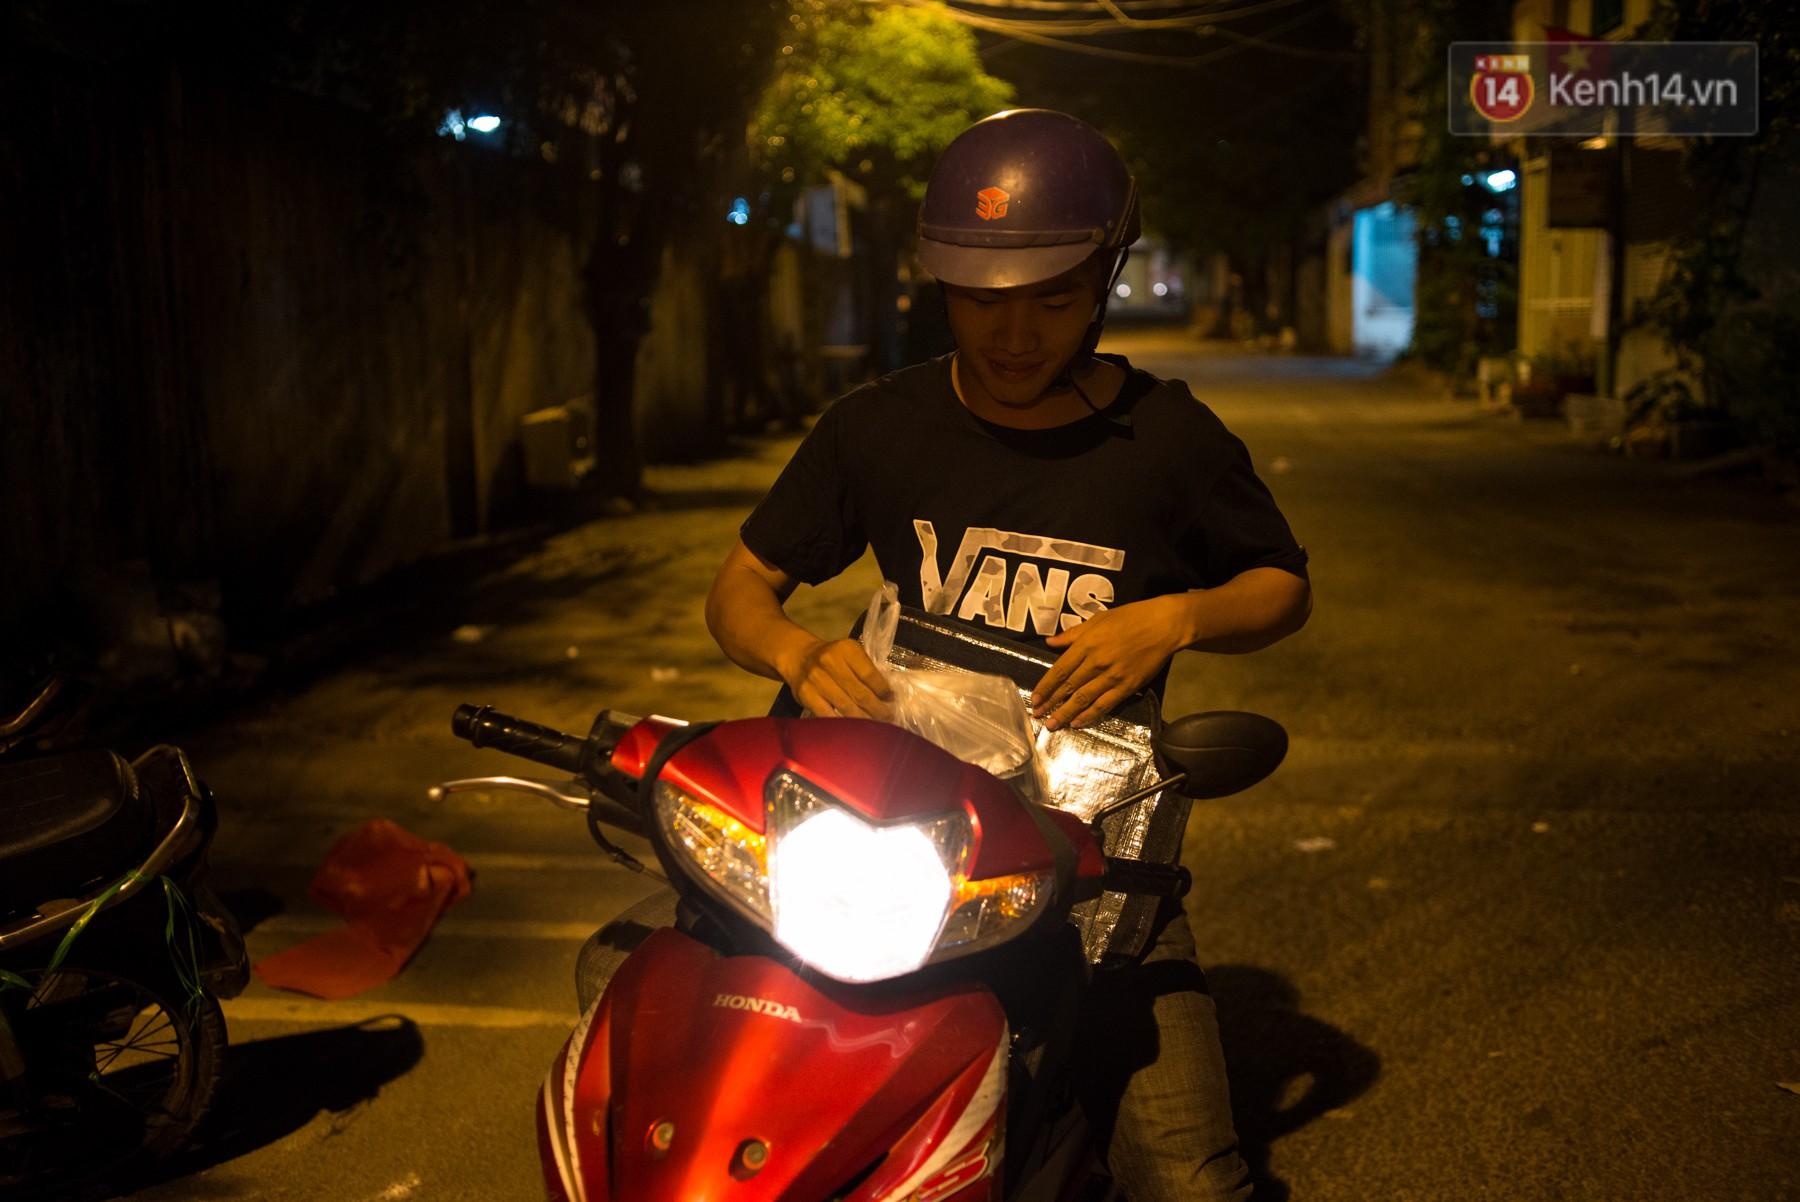 Dịch vụ giao thức ăn đêm ở Sài Gòn tăng cường hoạt động đến gần 3h sáng trong mùa World Cup - Ảnh 1.